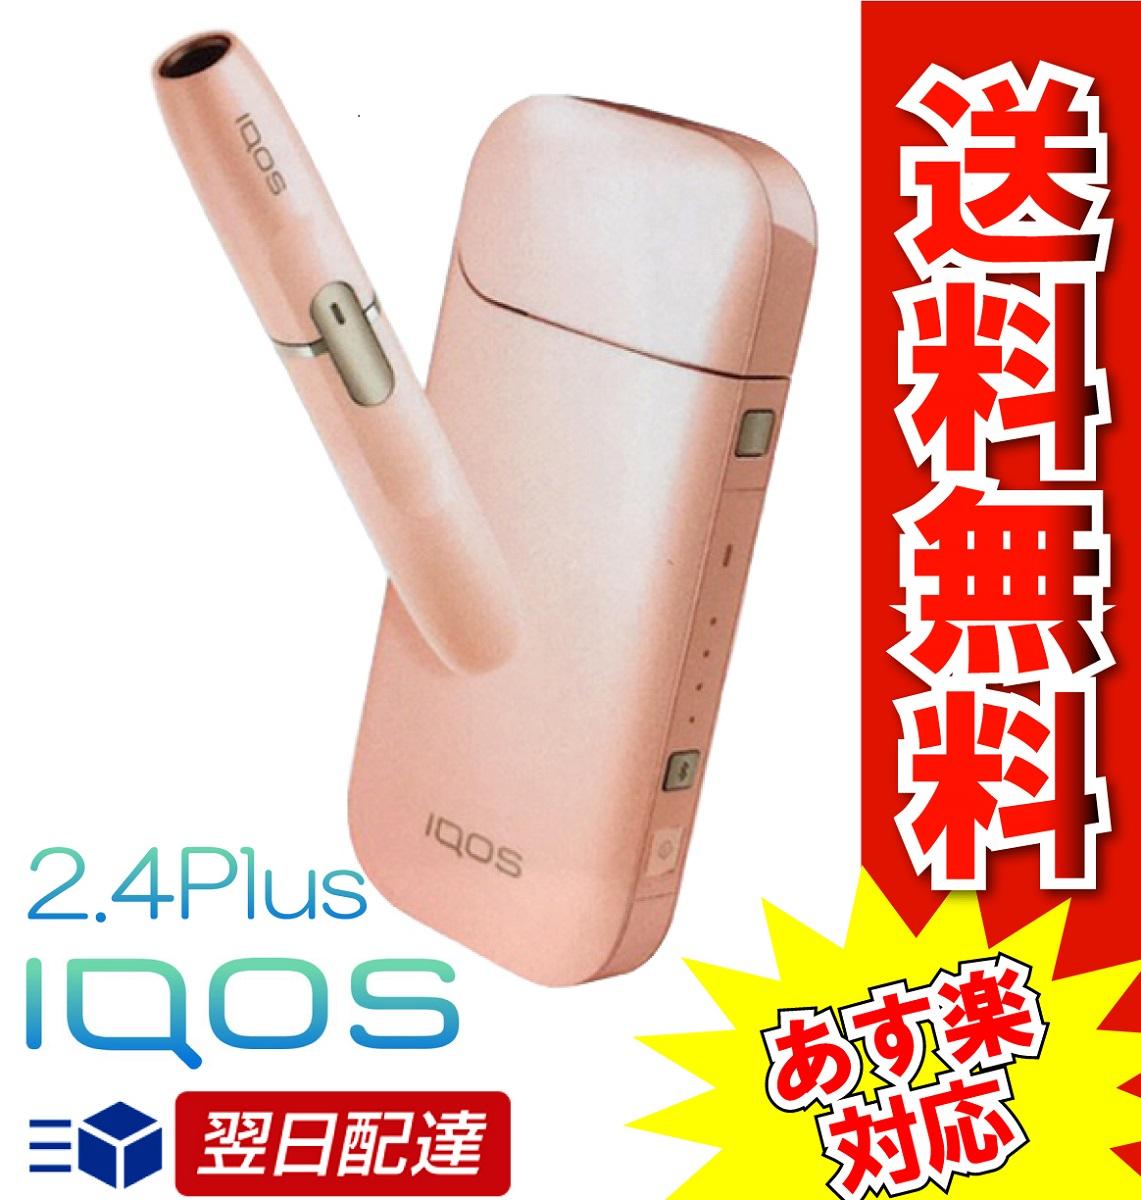 【送料無料】【新品・未開封】【海外正規品】アイコス 2.4Plus iQos ローズピンク  超希少カラー! 日本製ACアダプター付 本体キット 電子タバコ